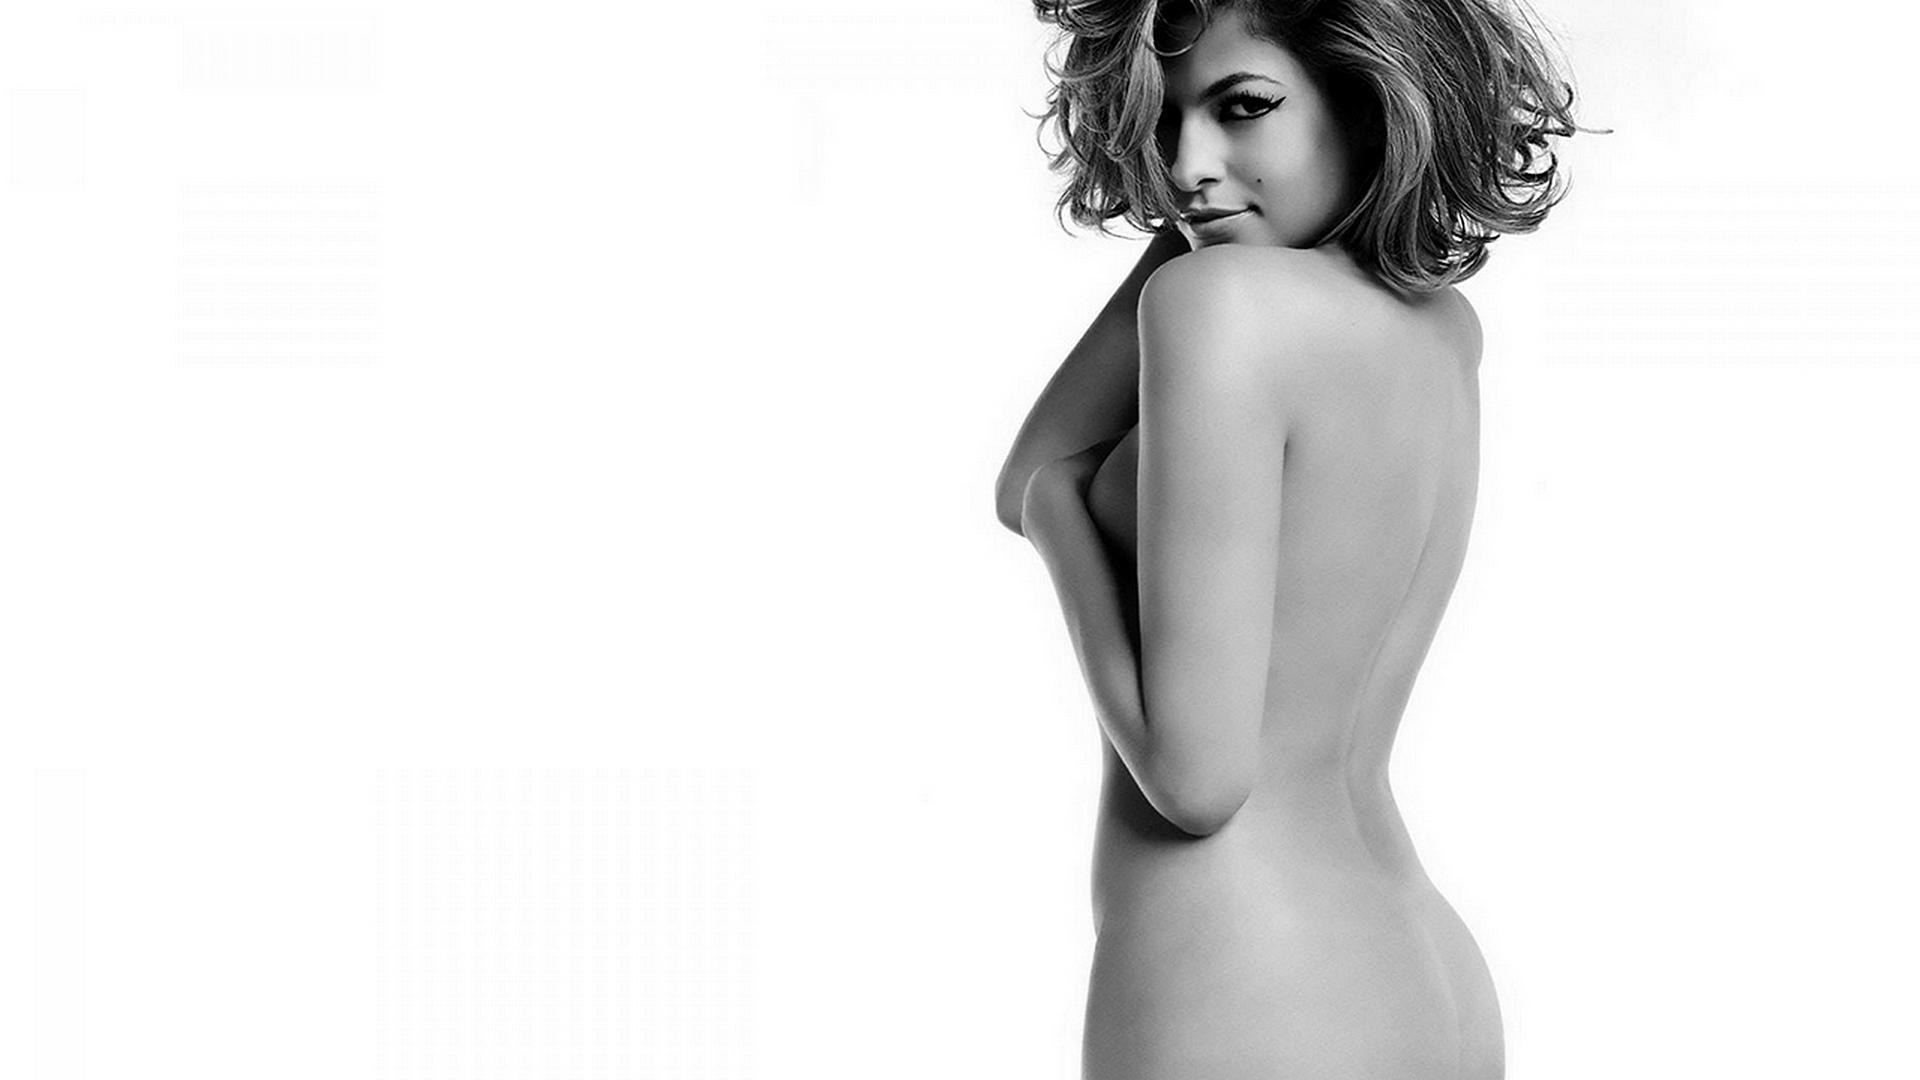 xxx-porn-pics-of-eva-mendes-butt-berry-nude